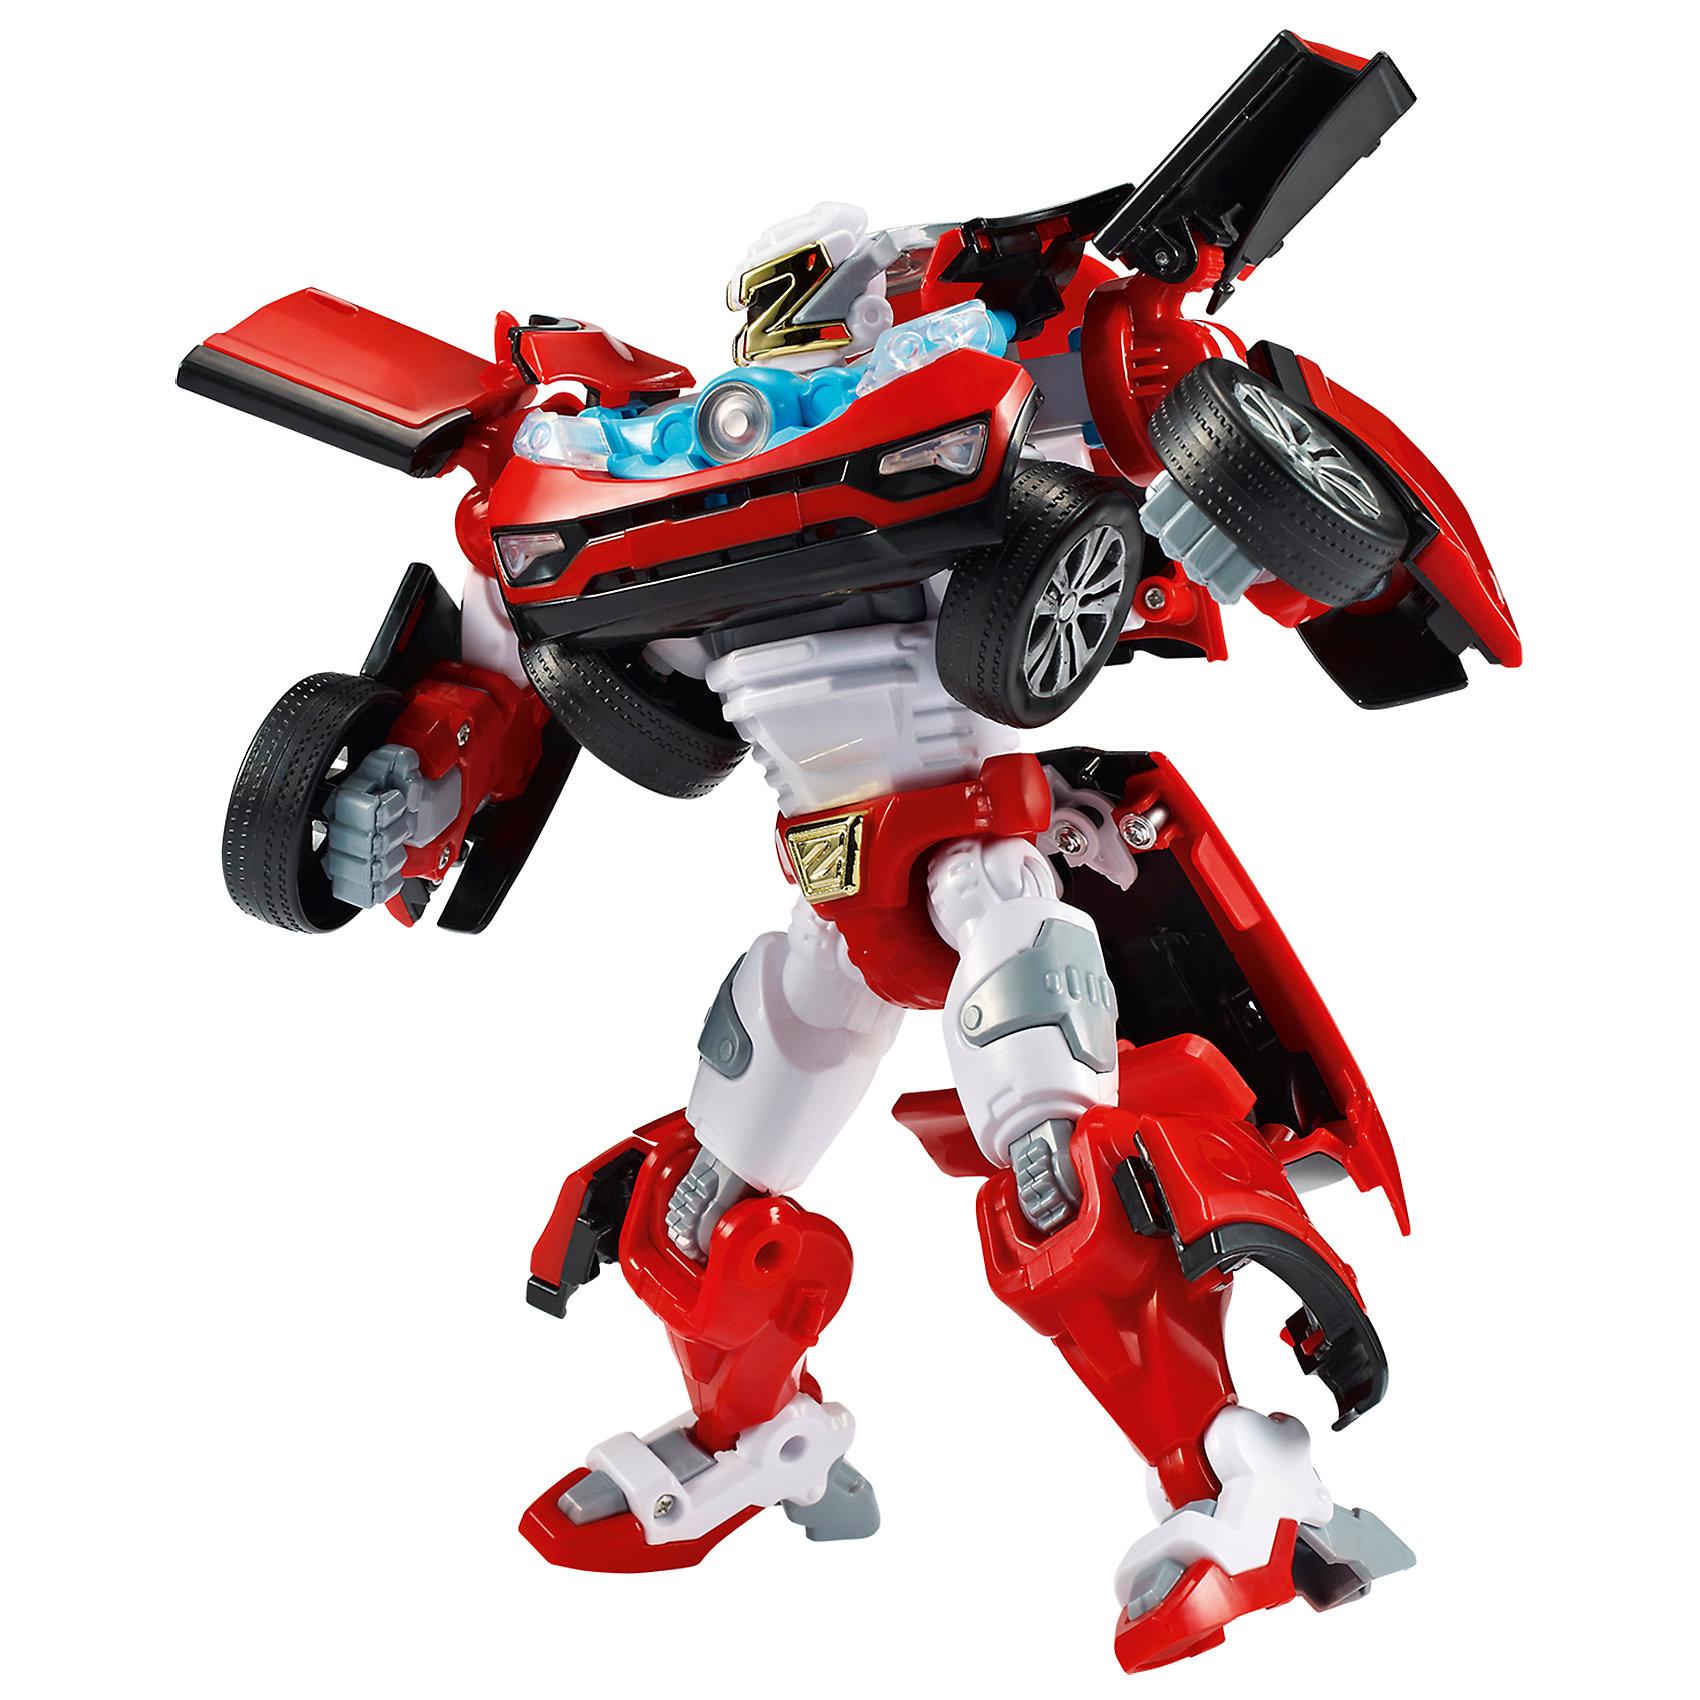 Трансформер Тобот ZФигурки героев<br>Трансформер Тобот Z<br><br>Характеристики:<br><br>• легко превращается в машину и робота<br>• изготовлен из прочных и ударостойких материалов<br>• в комплекте: робот-трансформер, браслет для мальчика, 4 карточки, ключ-токен, наклейки<br>• материал: металл, пластик, бумага, резина, полимер<br>• размер упаковки: 29х12,5х32,6 см<br>• вес: 889 грамм<br><br>Тобот Z - прекрасный подарок для любителей трансформеров. Он с легкостью превращается в стильный автомобиль, а затем снова в робота. Для превращения достаточно лишь использовать специальный ключ-токен. Помимо самого трансформера и ключа, в наборе есть 4 карточки, наклейки и браслет для мальчика. Все детали изготовлены из прочных материалов, гарантирующих долговечность игрушки. Этот трансформер придется по вкусу каждому мальчику!<br><br>Трансформер Тобот Z вы можете купить в нашем интернет-магазине.<br><br>Ширина мм: 117<br>Глубина мм: 77<br>Высота мм: 250<br>Вес г: 300<br>Возраст от месяцев: 36<br>Возраст до месяцев: 2147483647<br>Пол: Мужской<br>Возраст: Детский<br>SKU: 5028888